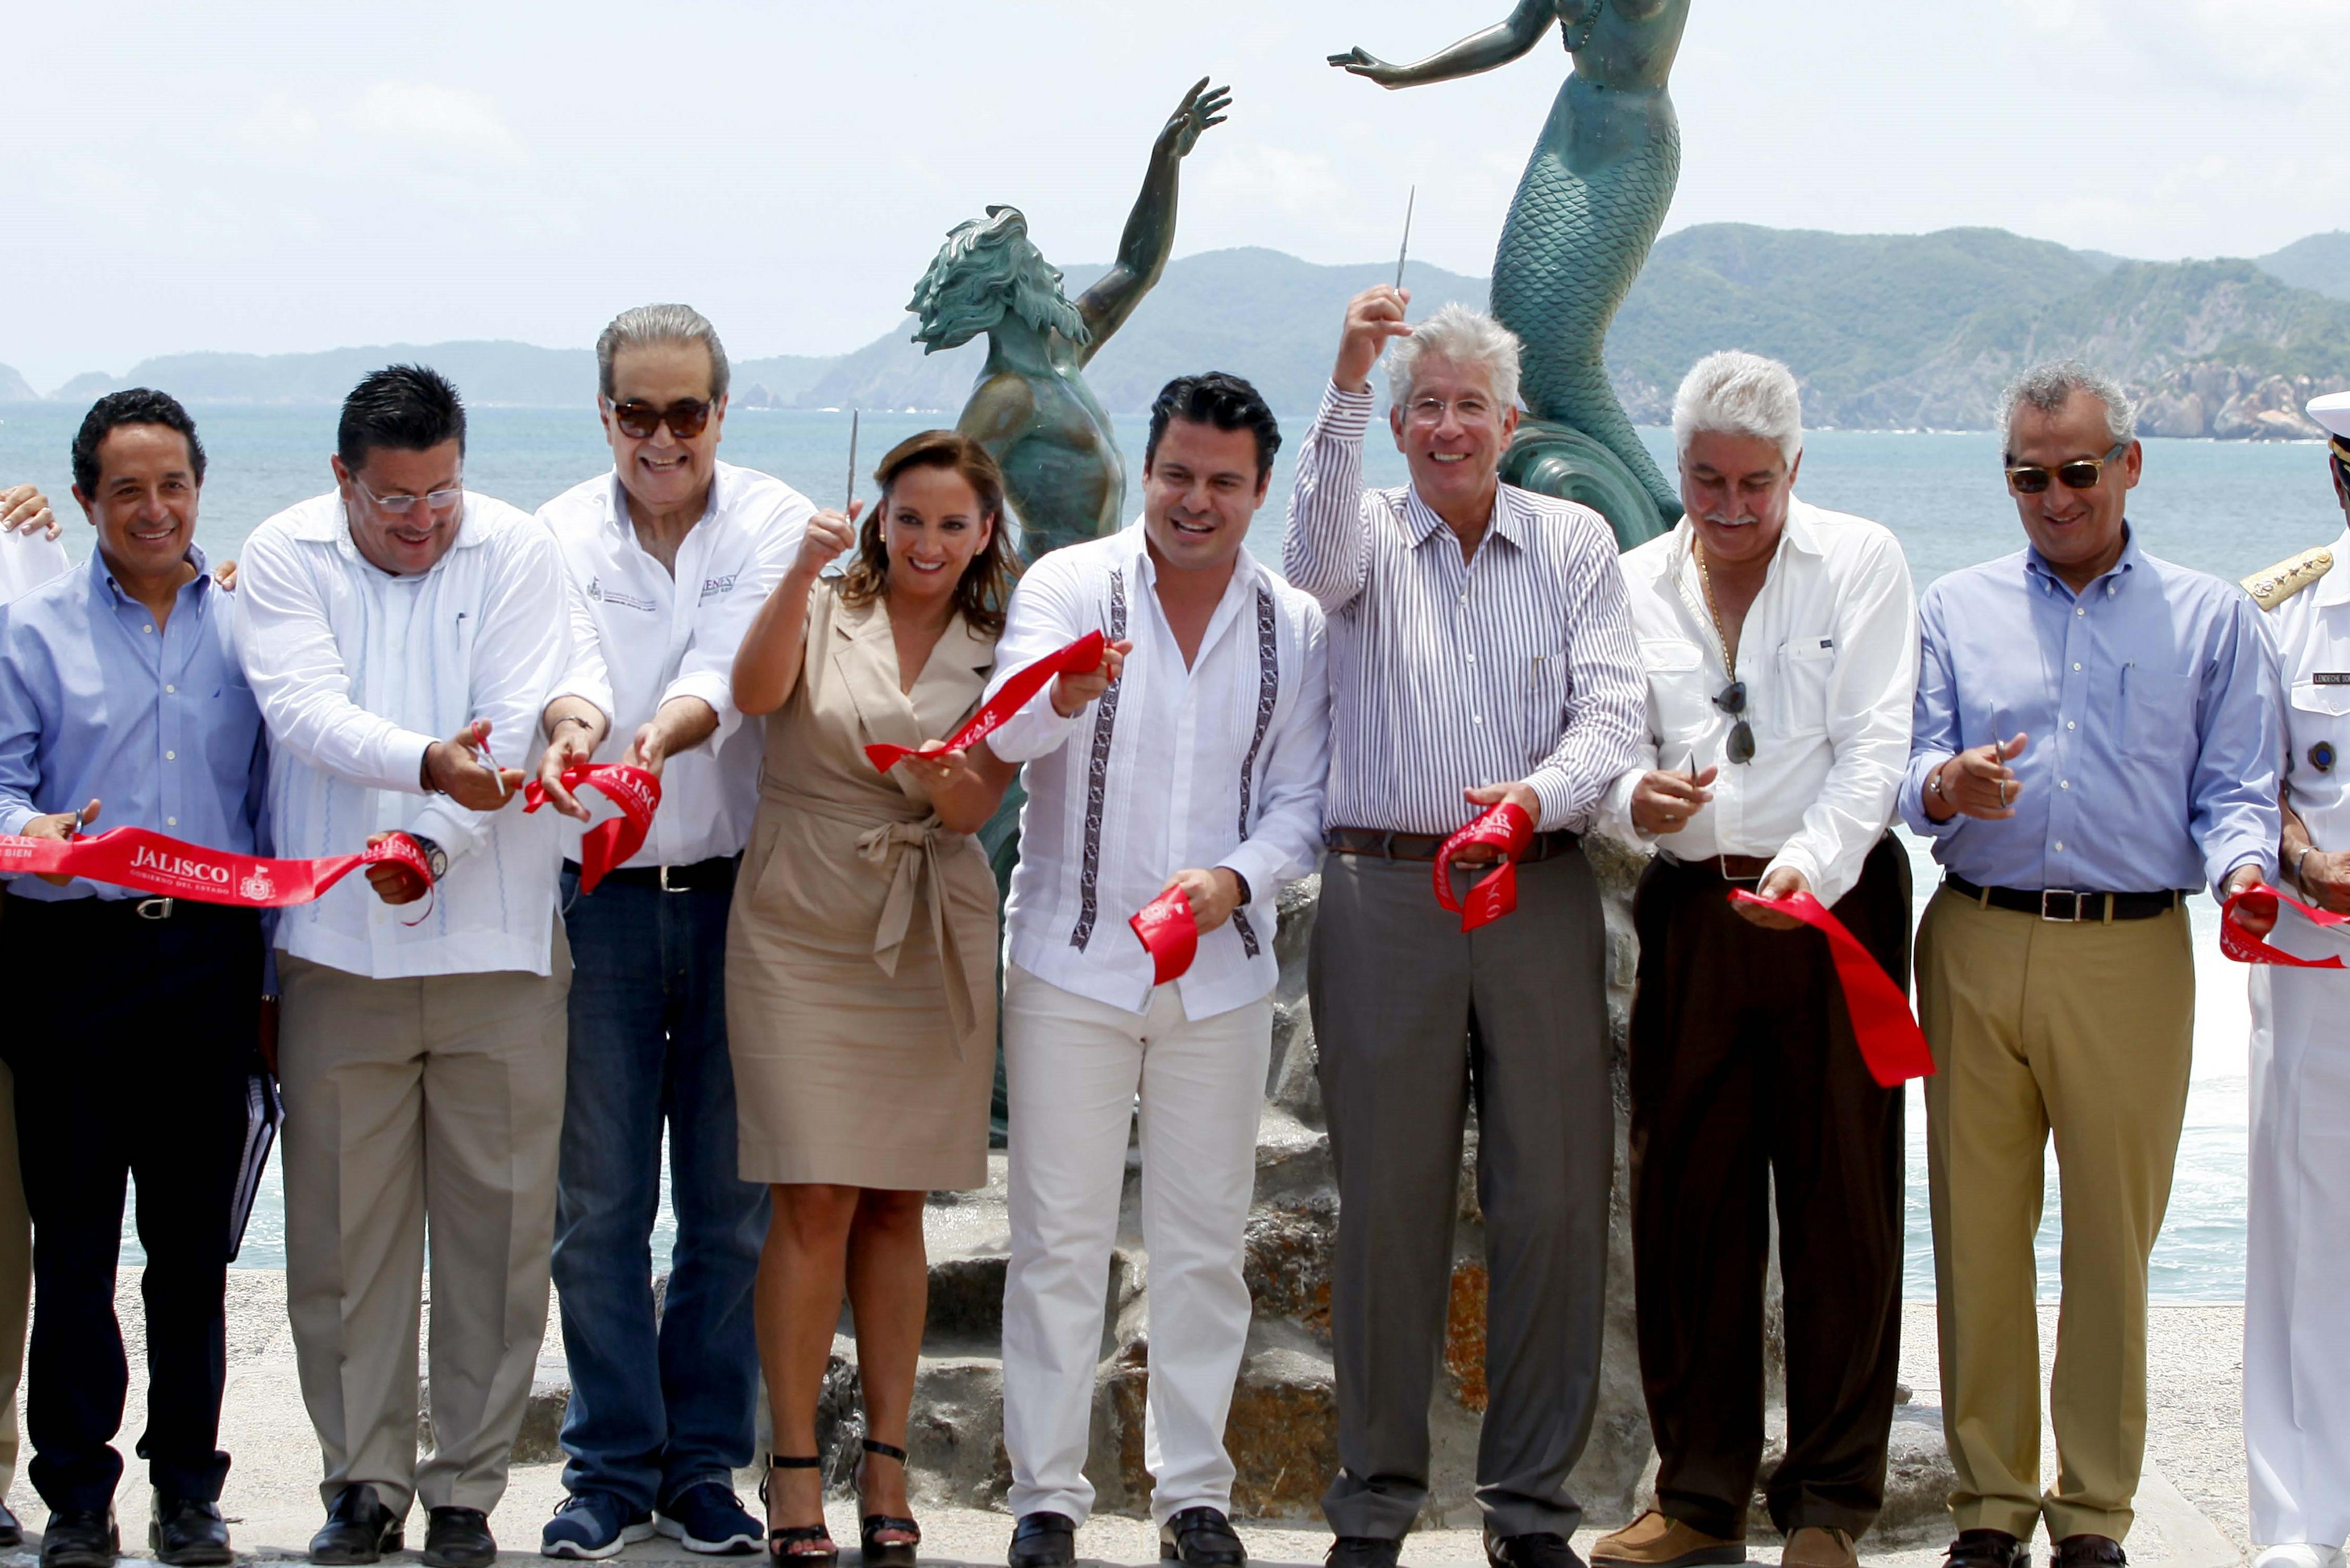 Corta listón la Secretaria de Turismo del Gobierno de la República, Claudia Ruiz Massieu, en compañía del gobernador de Jalisco, Aristóteles Sandoval, para inaugurar hoy la primera etapa de las obras de recuperación en la playa de Barra de Navidad.